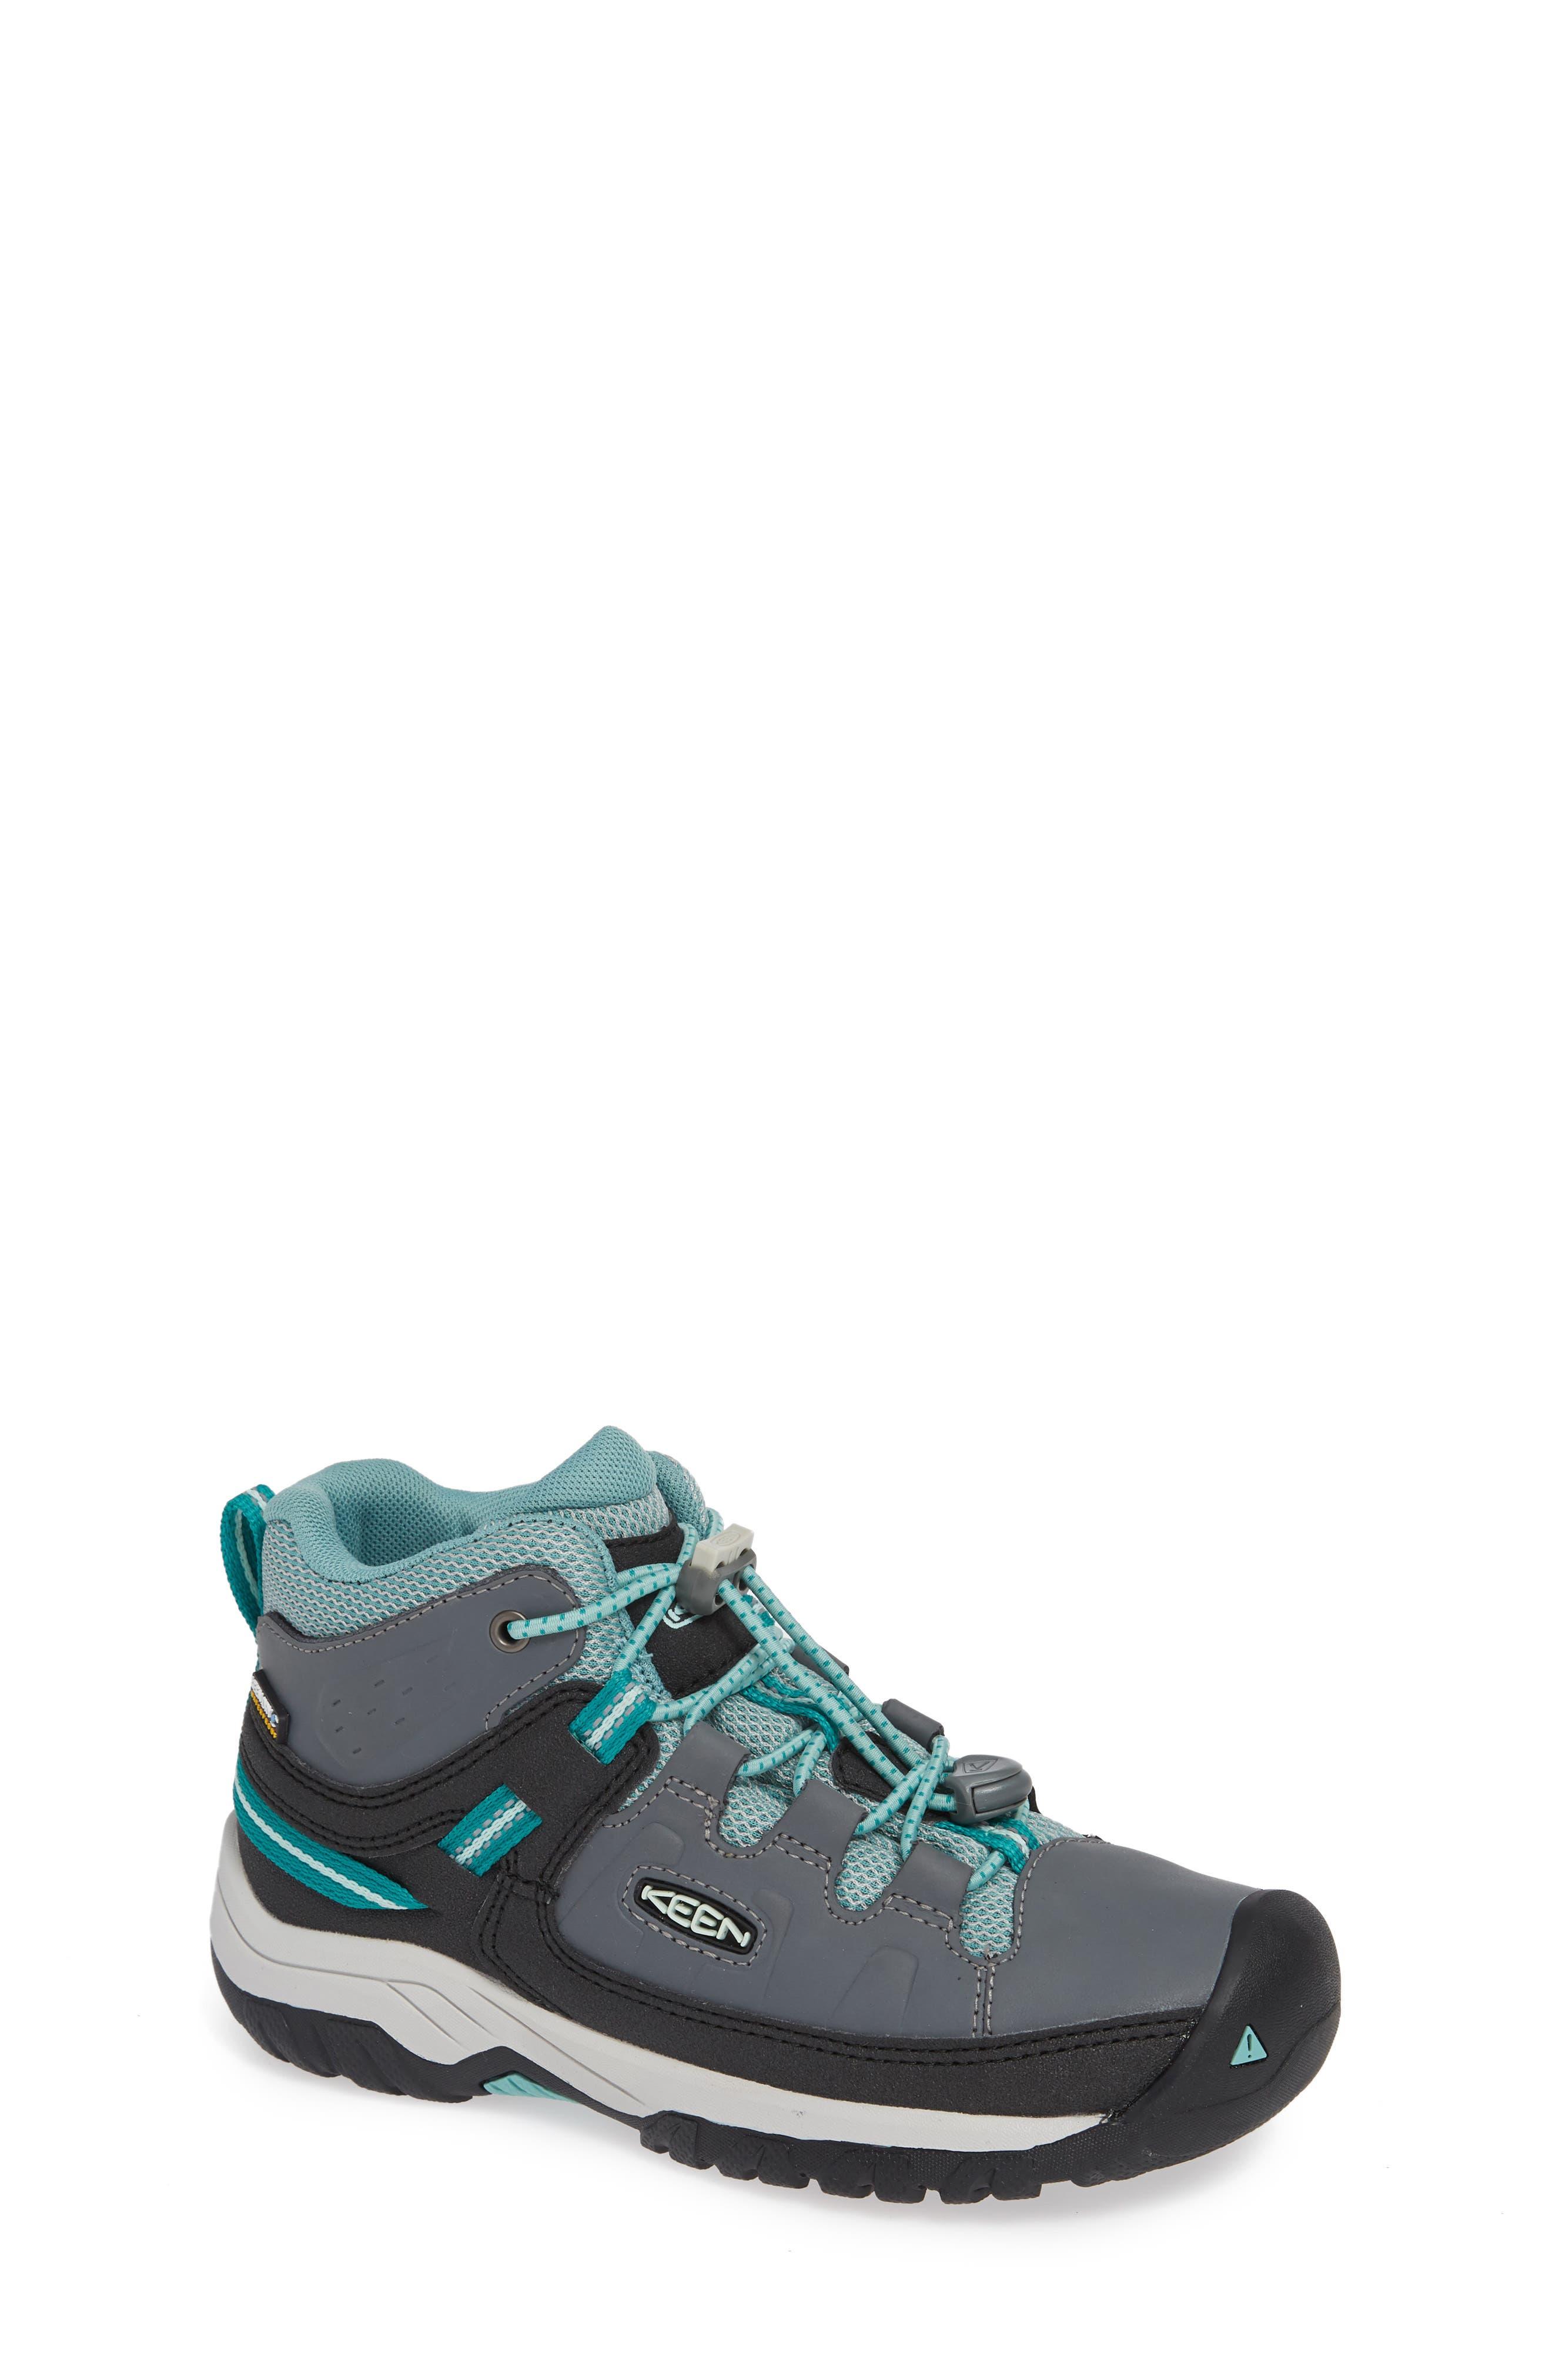 KEEN Targhee Mid Waterproof Hiking Boot, Main, color, GREY/ WASABI